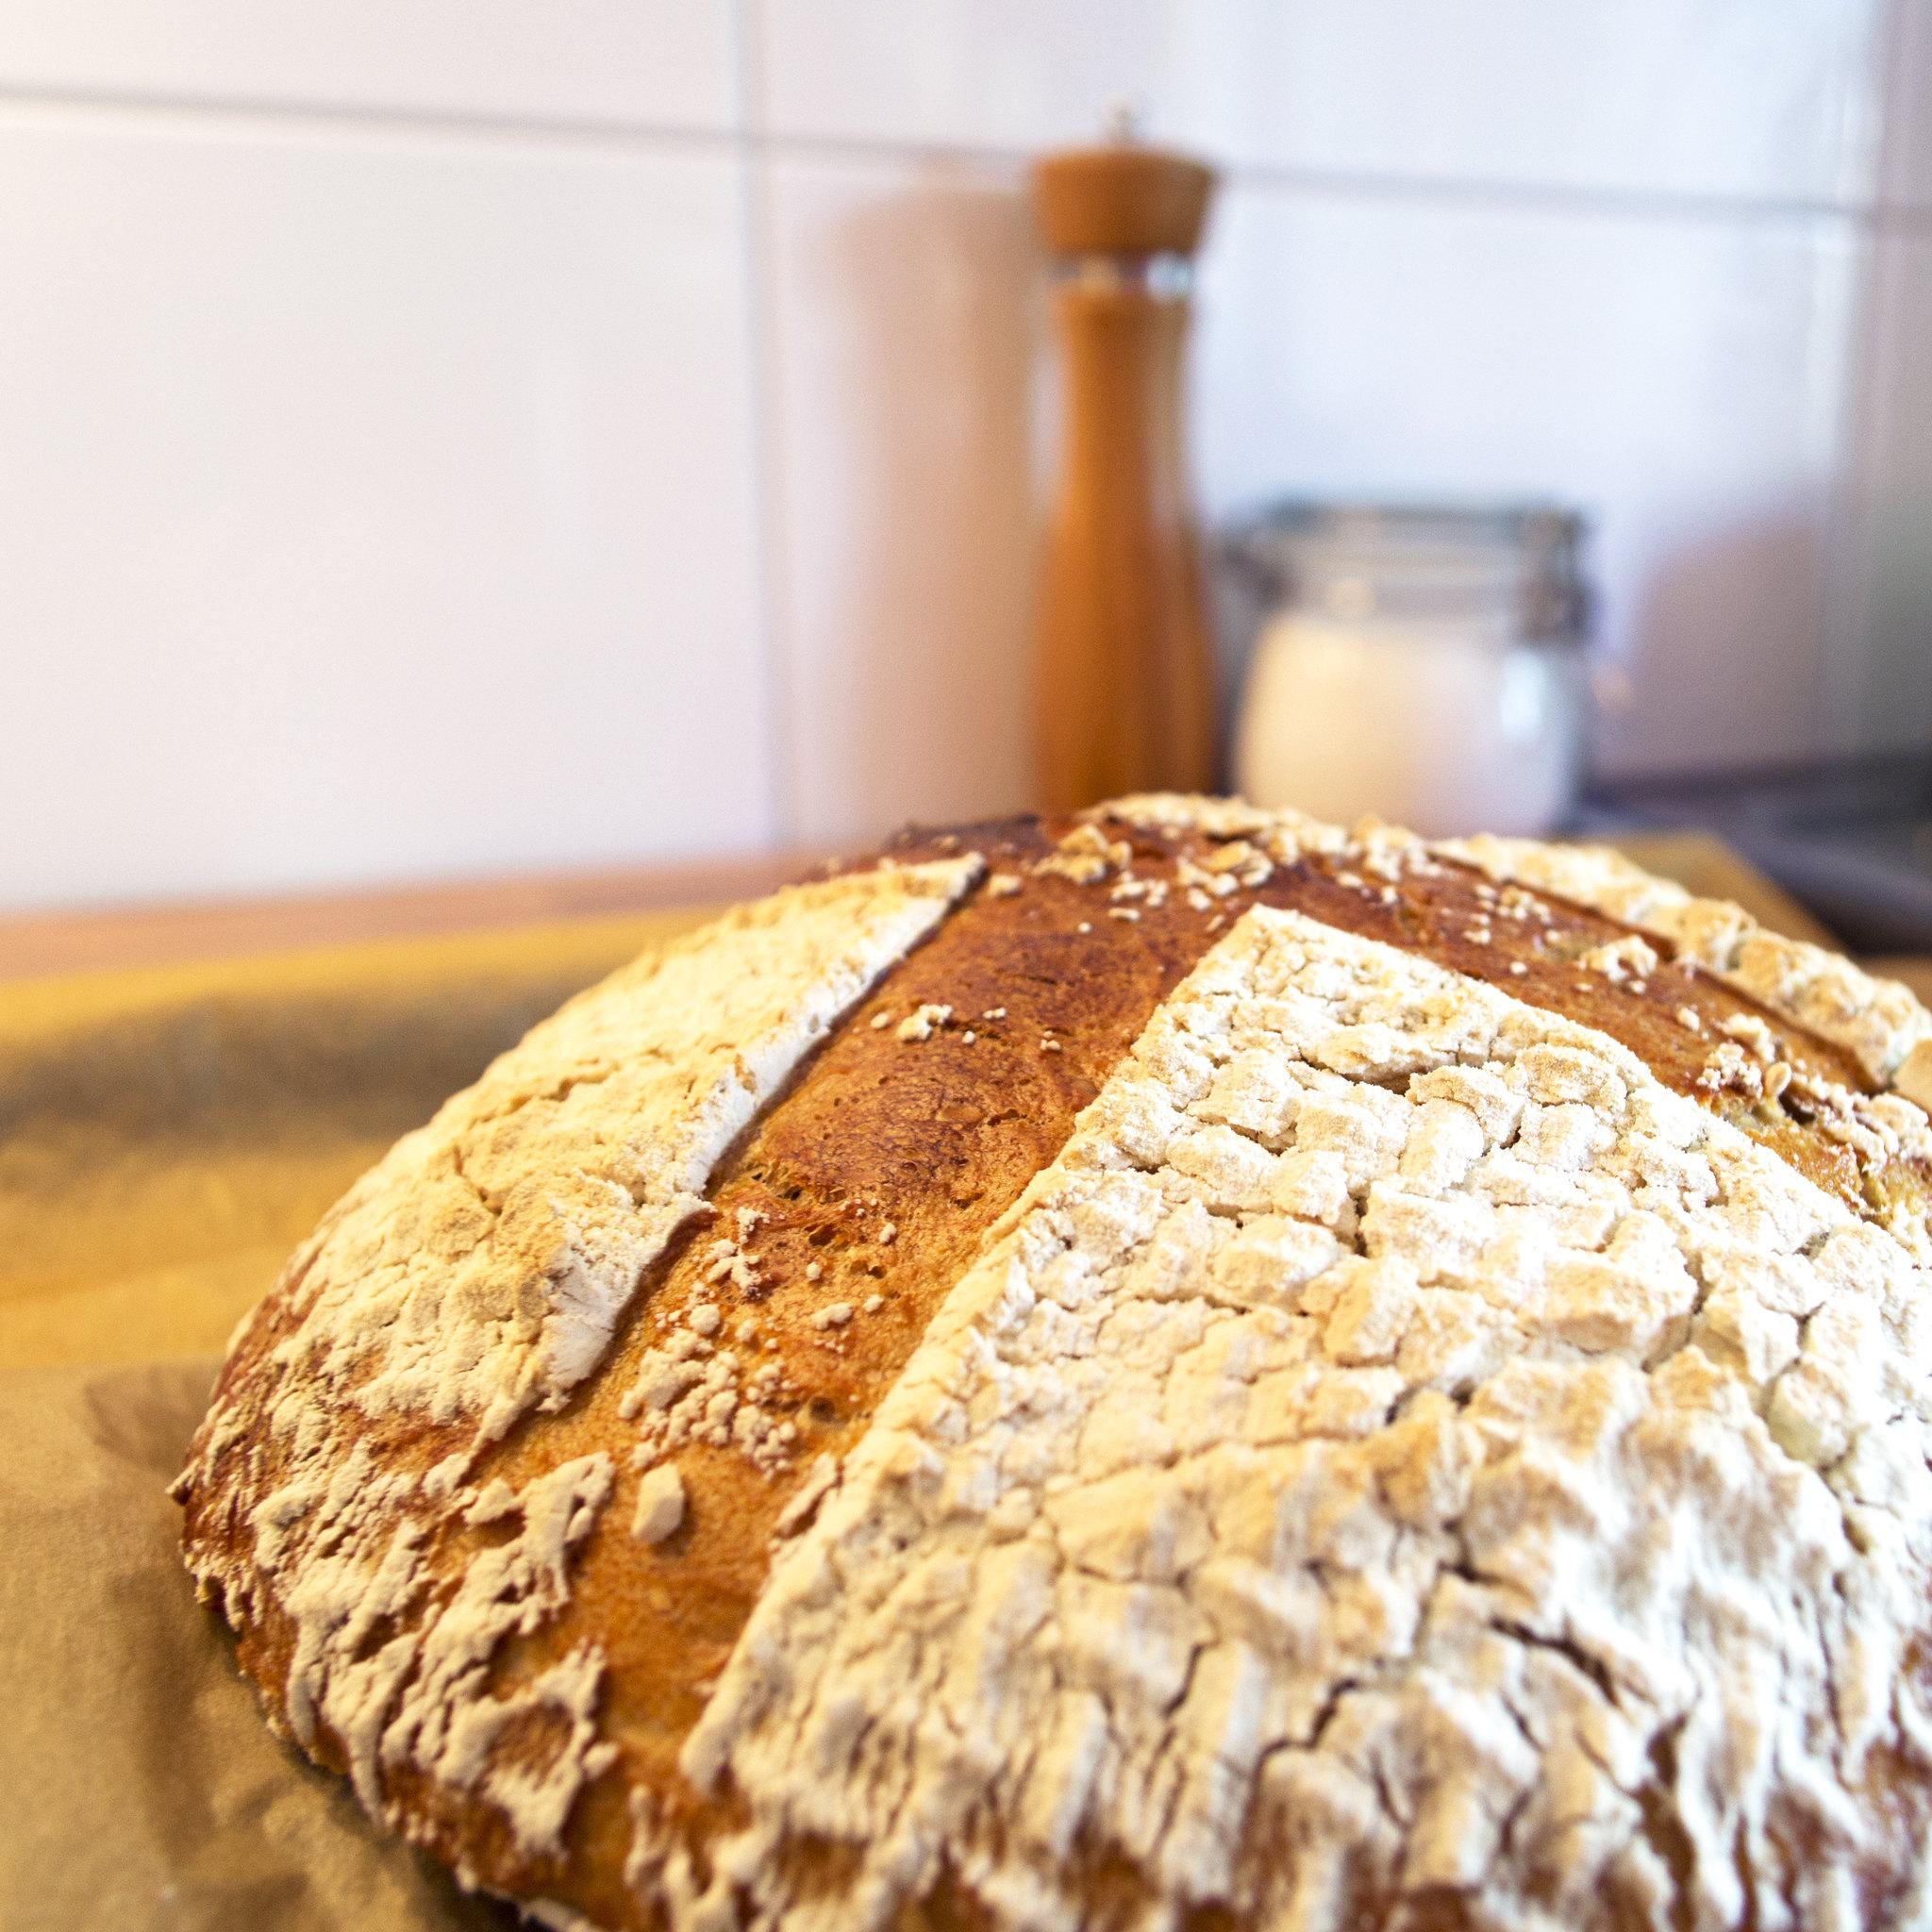 Wenn ich Brot baue, dann kommt so etwas dabei heraus. (Bildbeschreibung: Im Vordergrund liegt ein Brotlaib, mittelbraun, mehrheitlich mit Mehl bedeckt, nur zwei breite Streifen sind frei. Dahinter stehen, unscharf nur noch zu erkennen, eine hölzerne Pfeffermühle und ein Einweckglas voller Salz vor einem weißen Fliesenspiegel.)